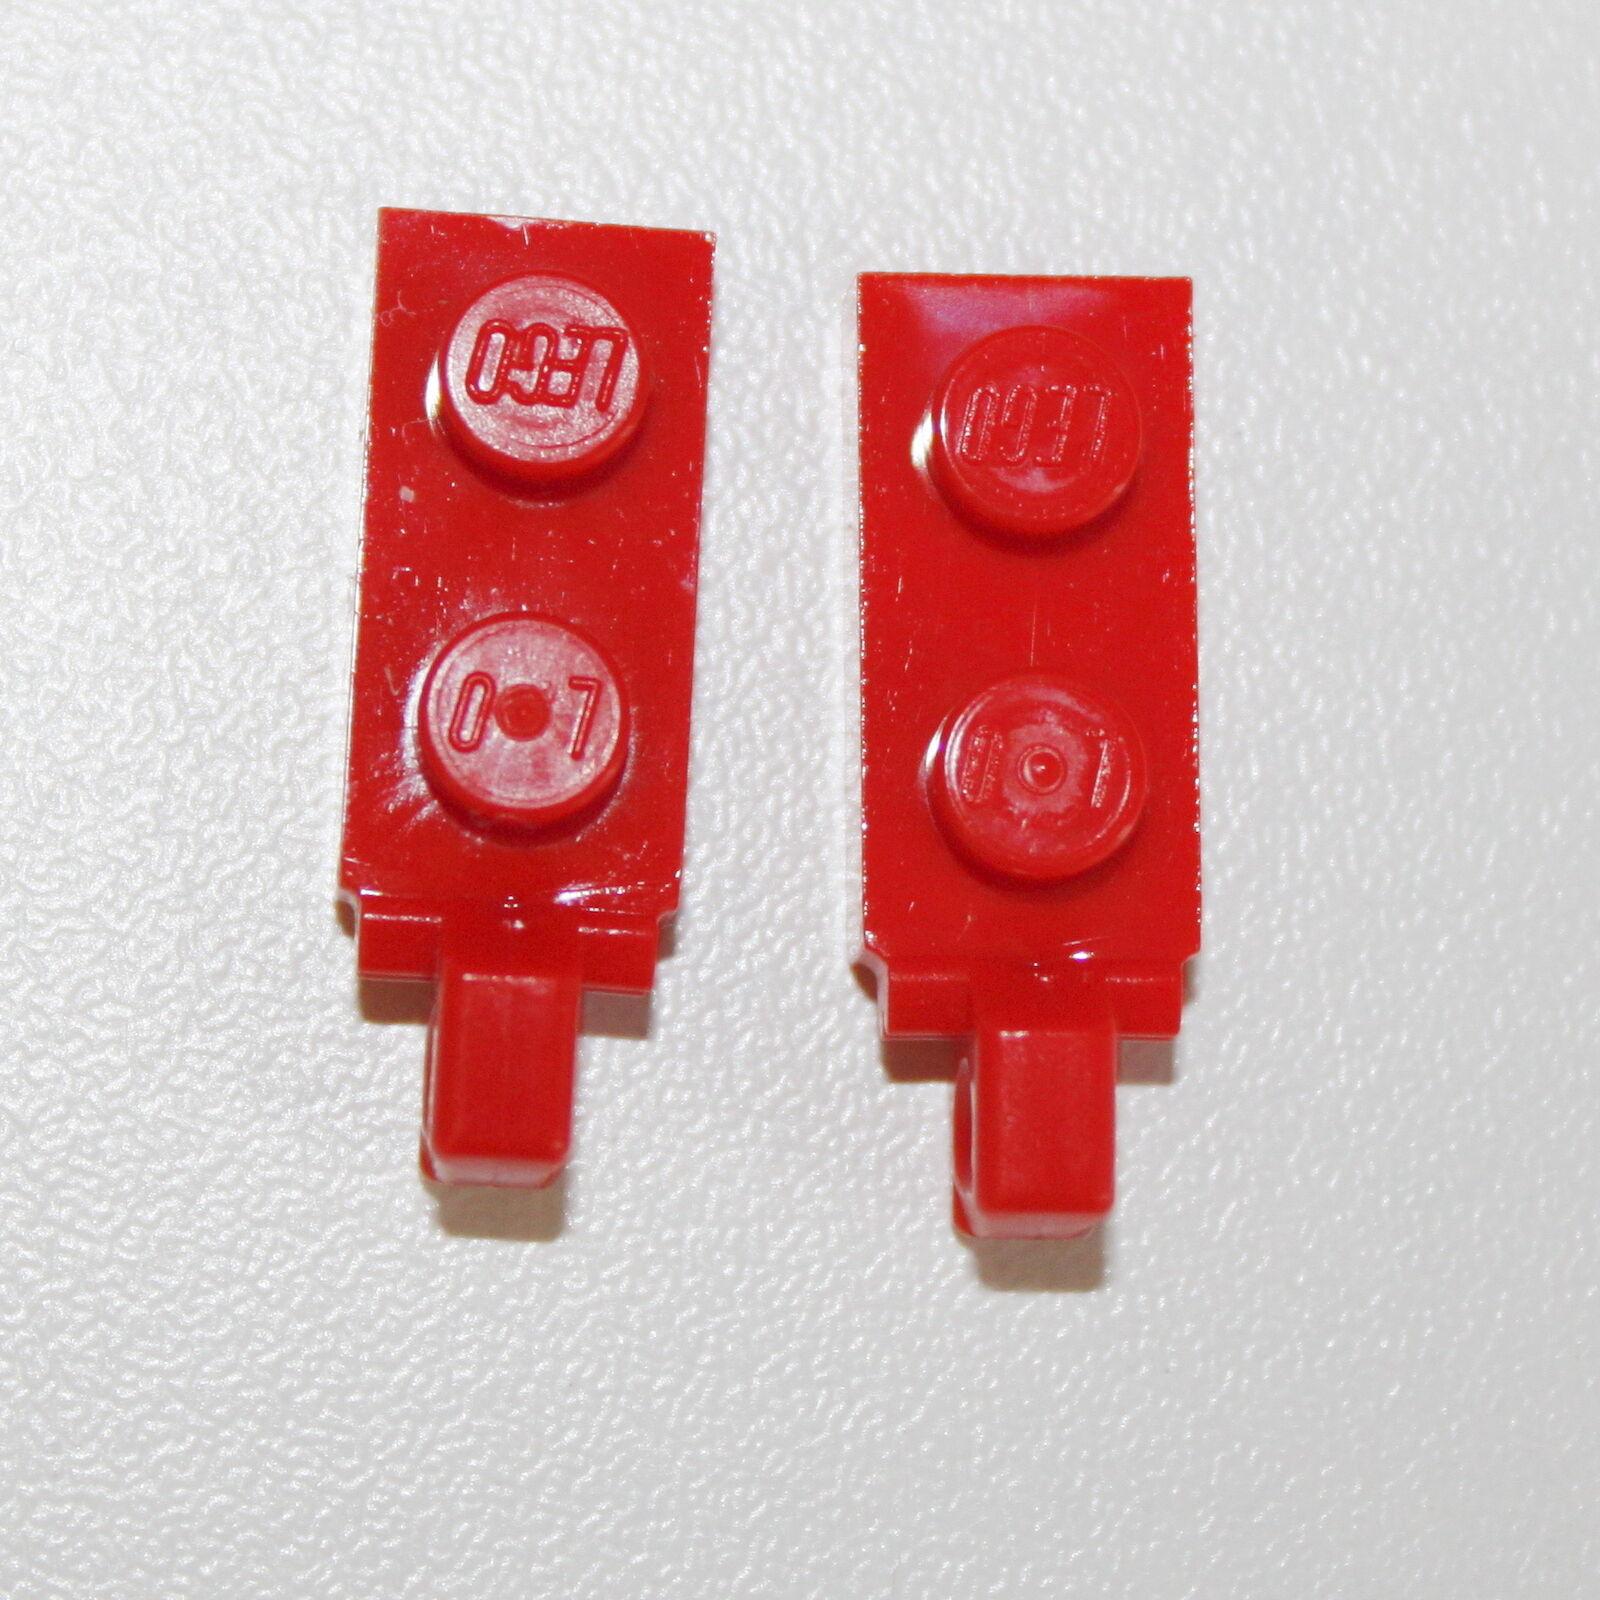 Lego 44301 Beaucoup Charnière Articulée 1 Doigts Support Plaque Beaucoup 44301 De Couleurs Sélection 63 702c8e